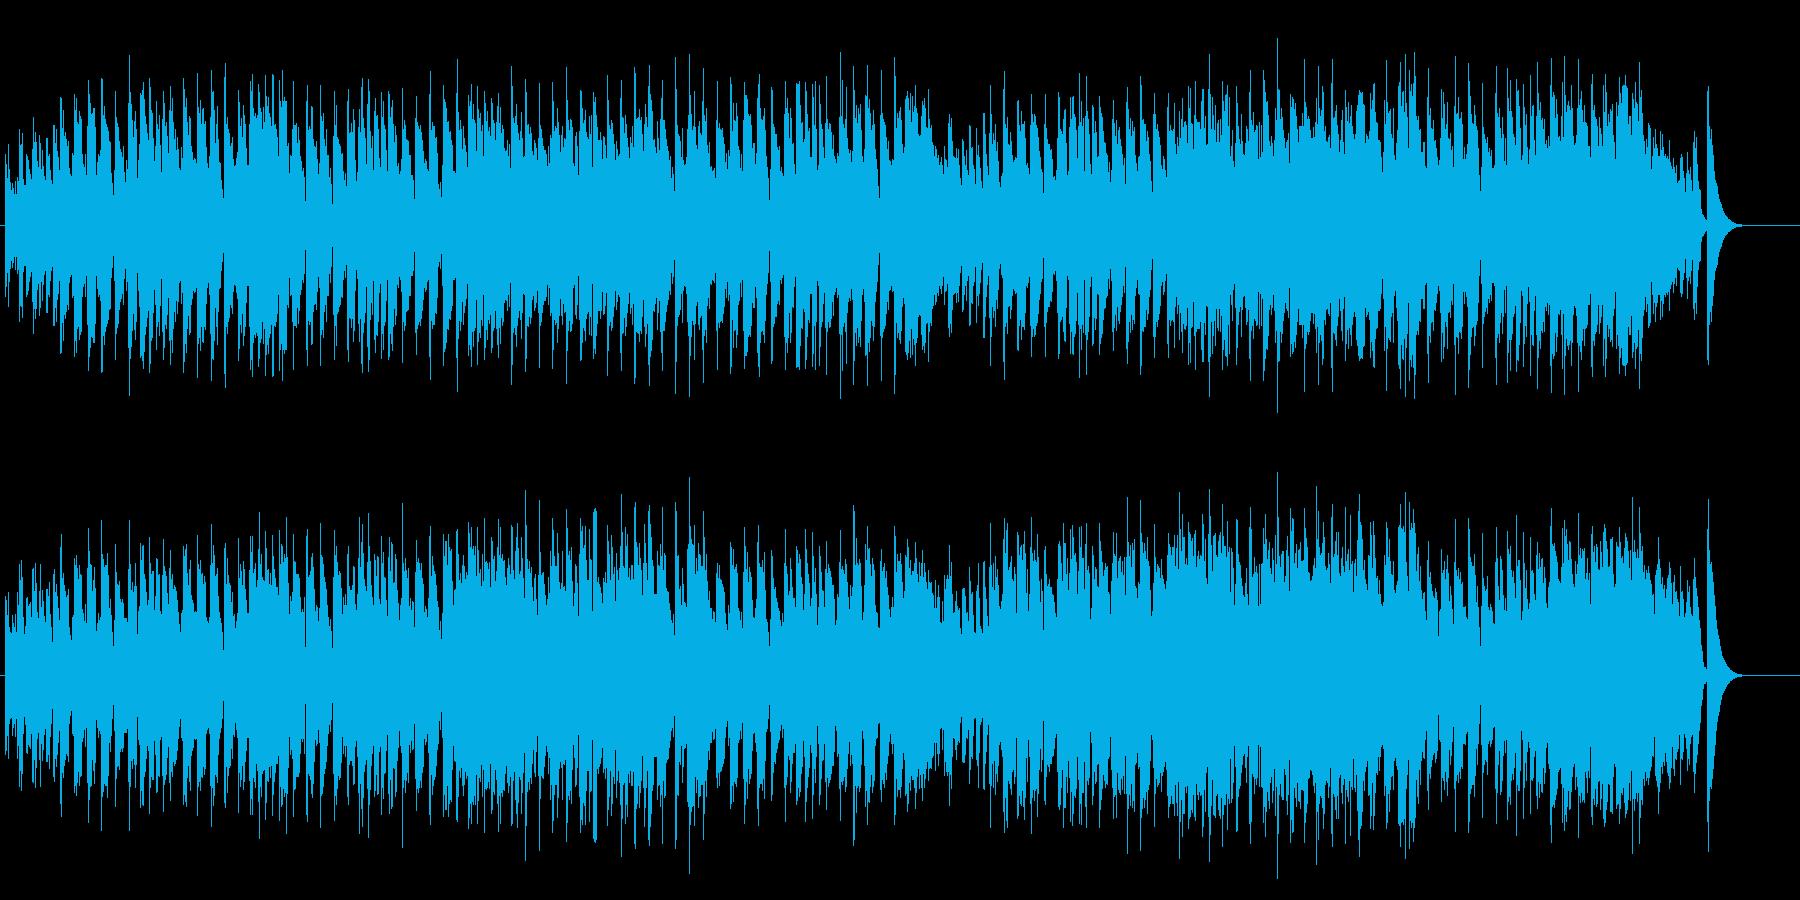 爽やかスイス風ユーロ・ポップスの再生済みの波形